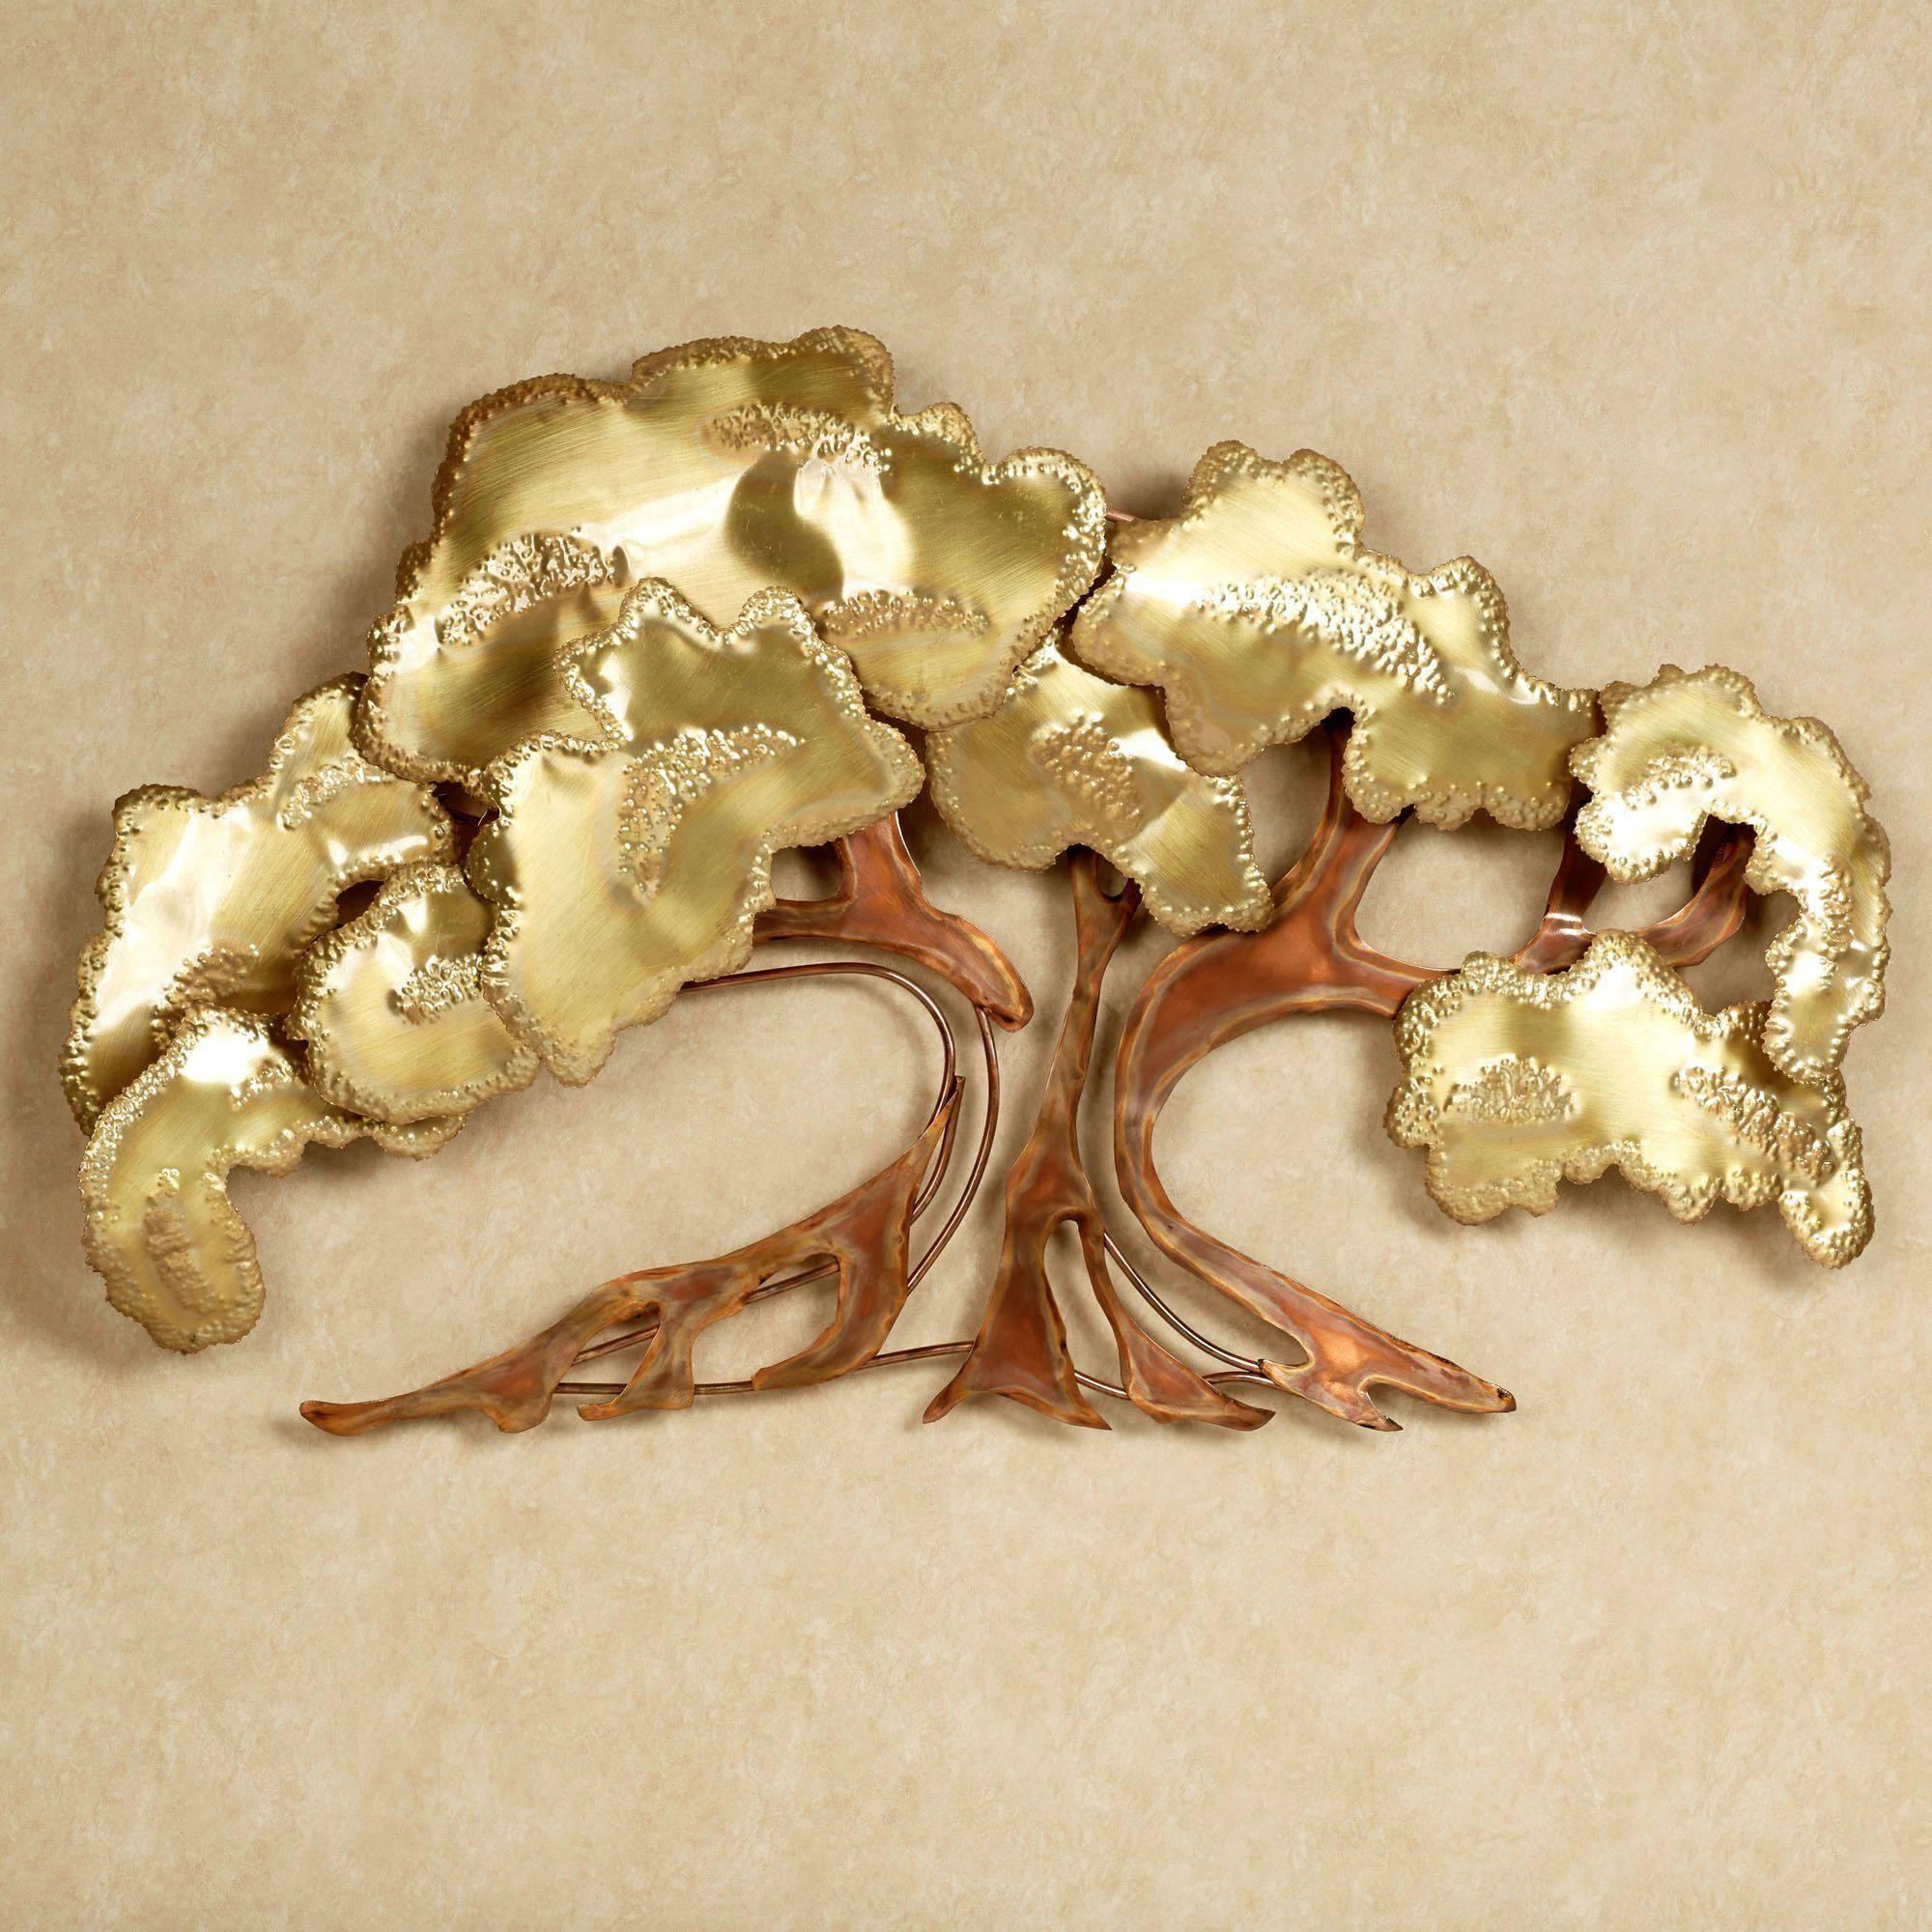 Zen Tree Metal Wall Sculpture Regarding Most Popular Metal Tree Wall Art Sculpture (View 20 of 20)